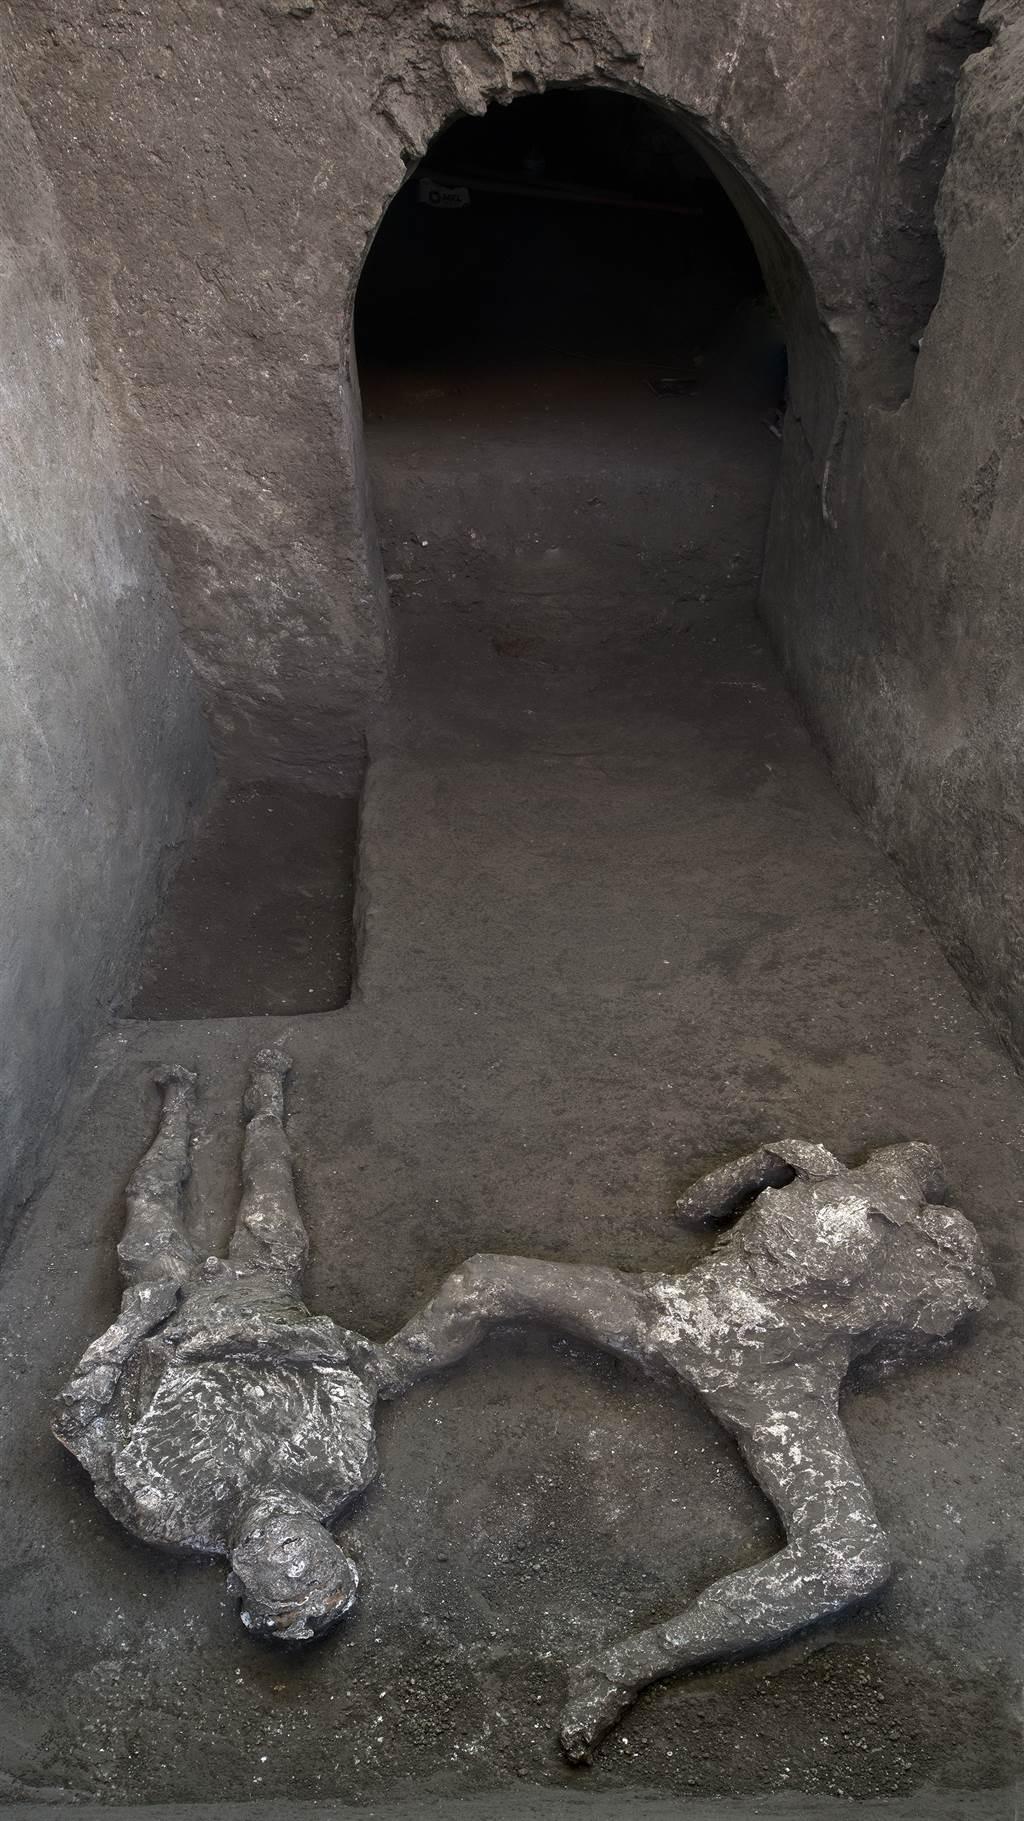 考古學家也從衣著與骨骼體型研判,2人生前應是主僕關係(圖/美聯社)